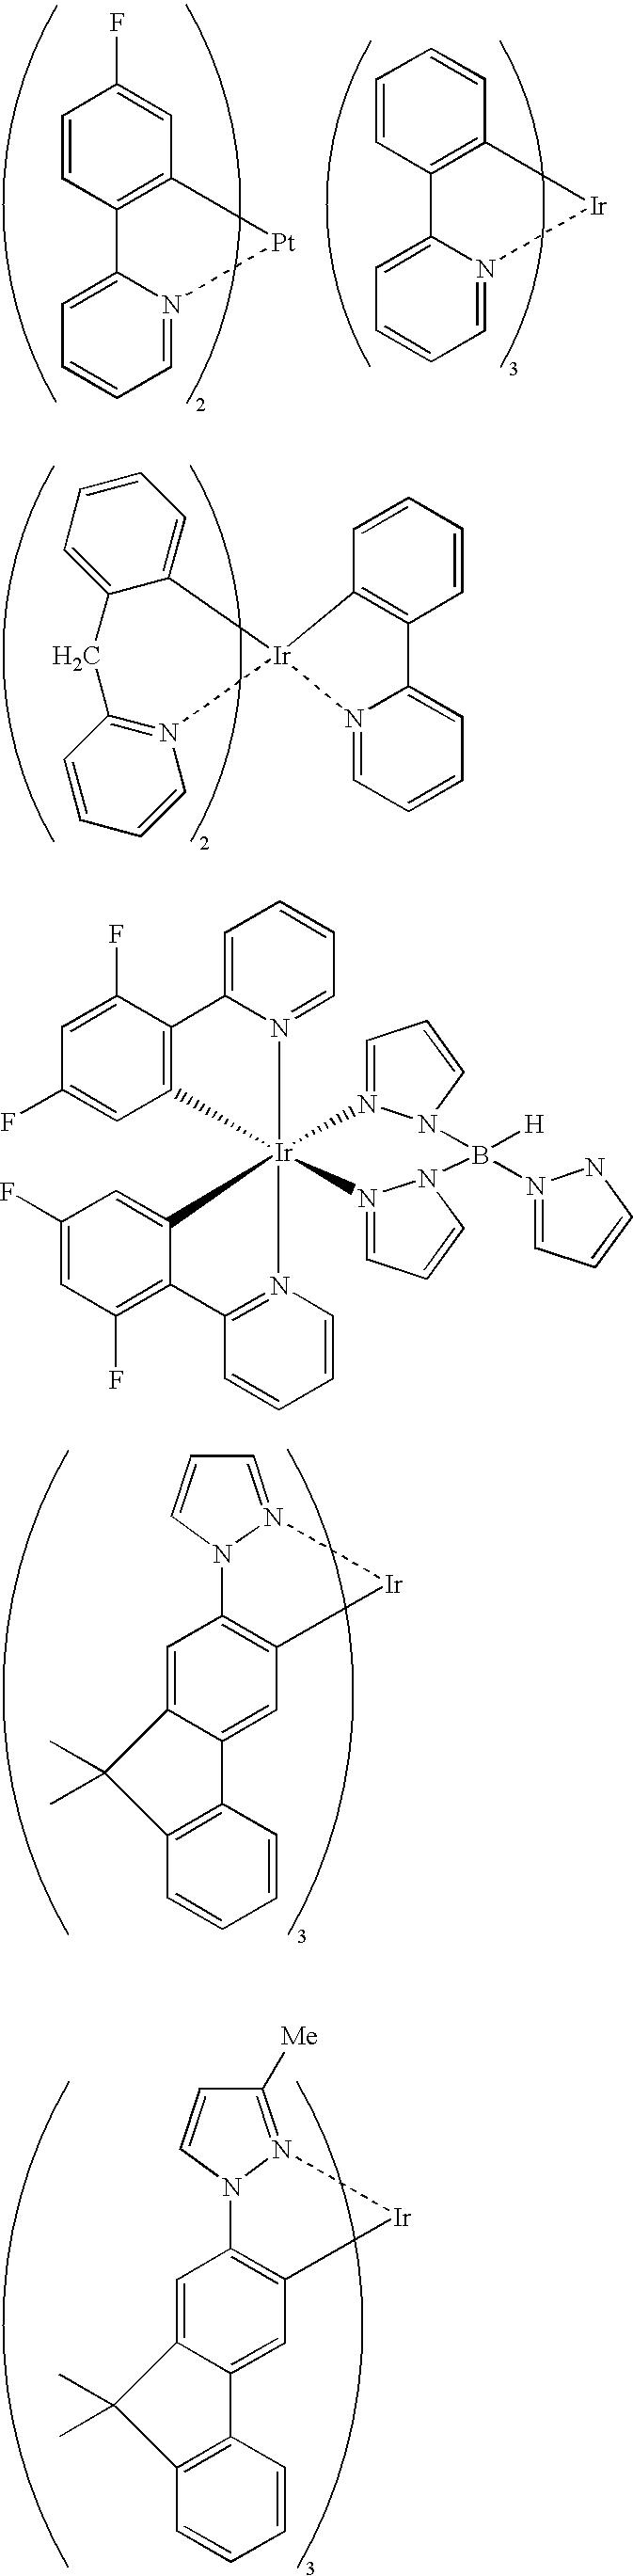 Figure US07608993-20091027-C00003